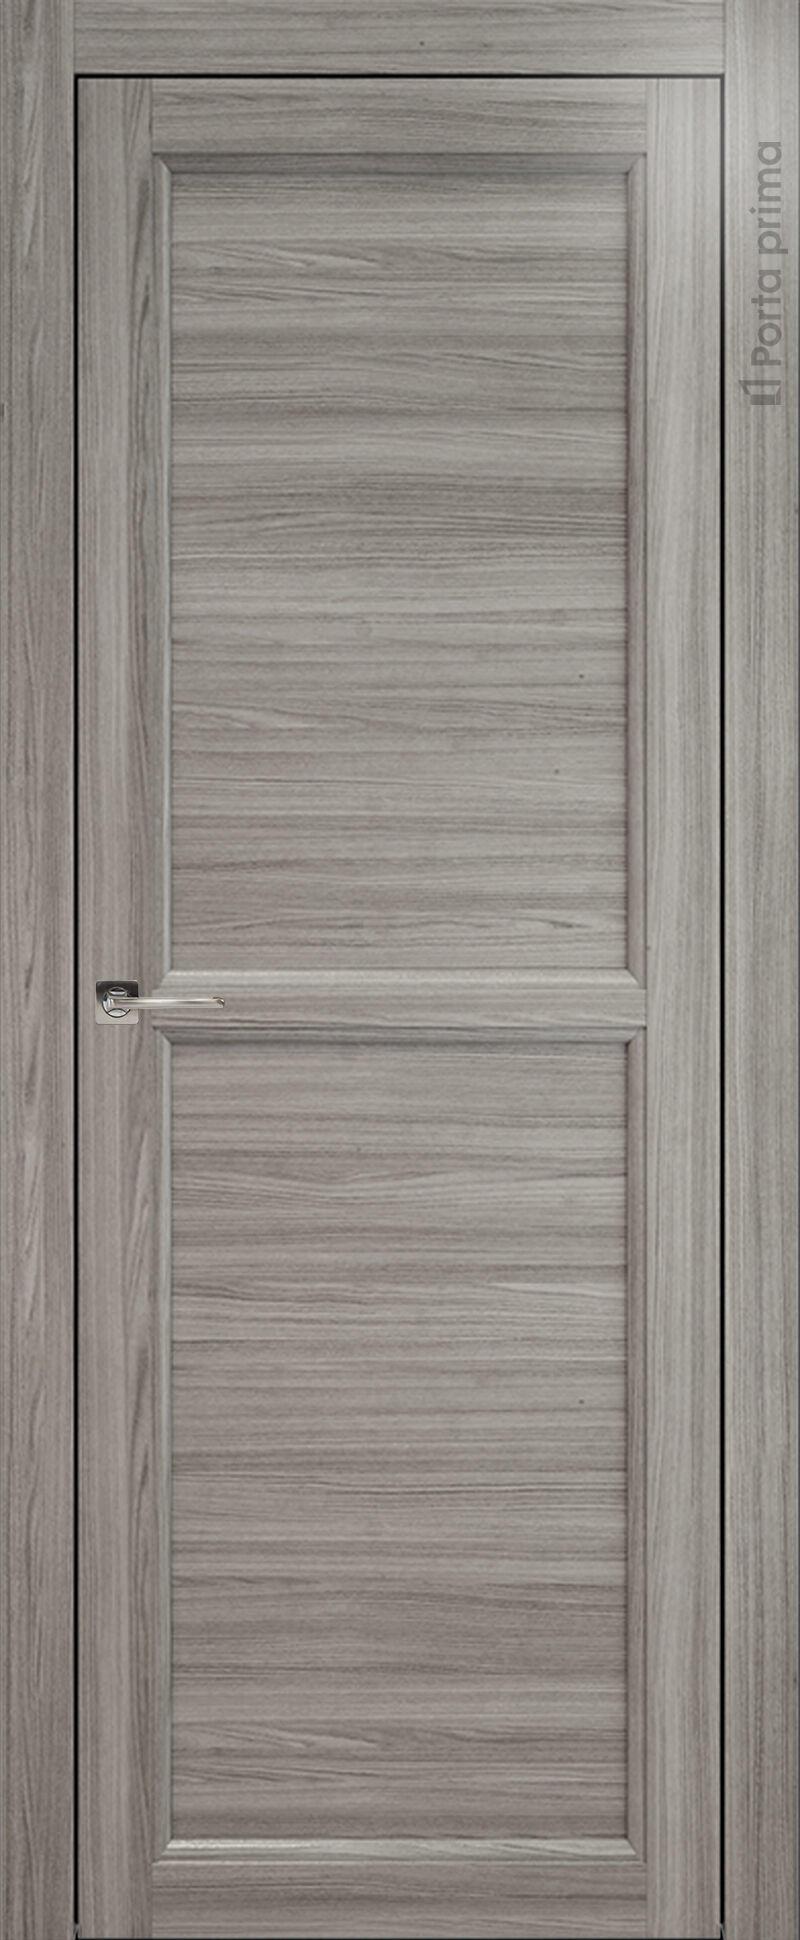 Sorrento-R А1 цвет - Орех пепельный Без стекла (ДГ)